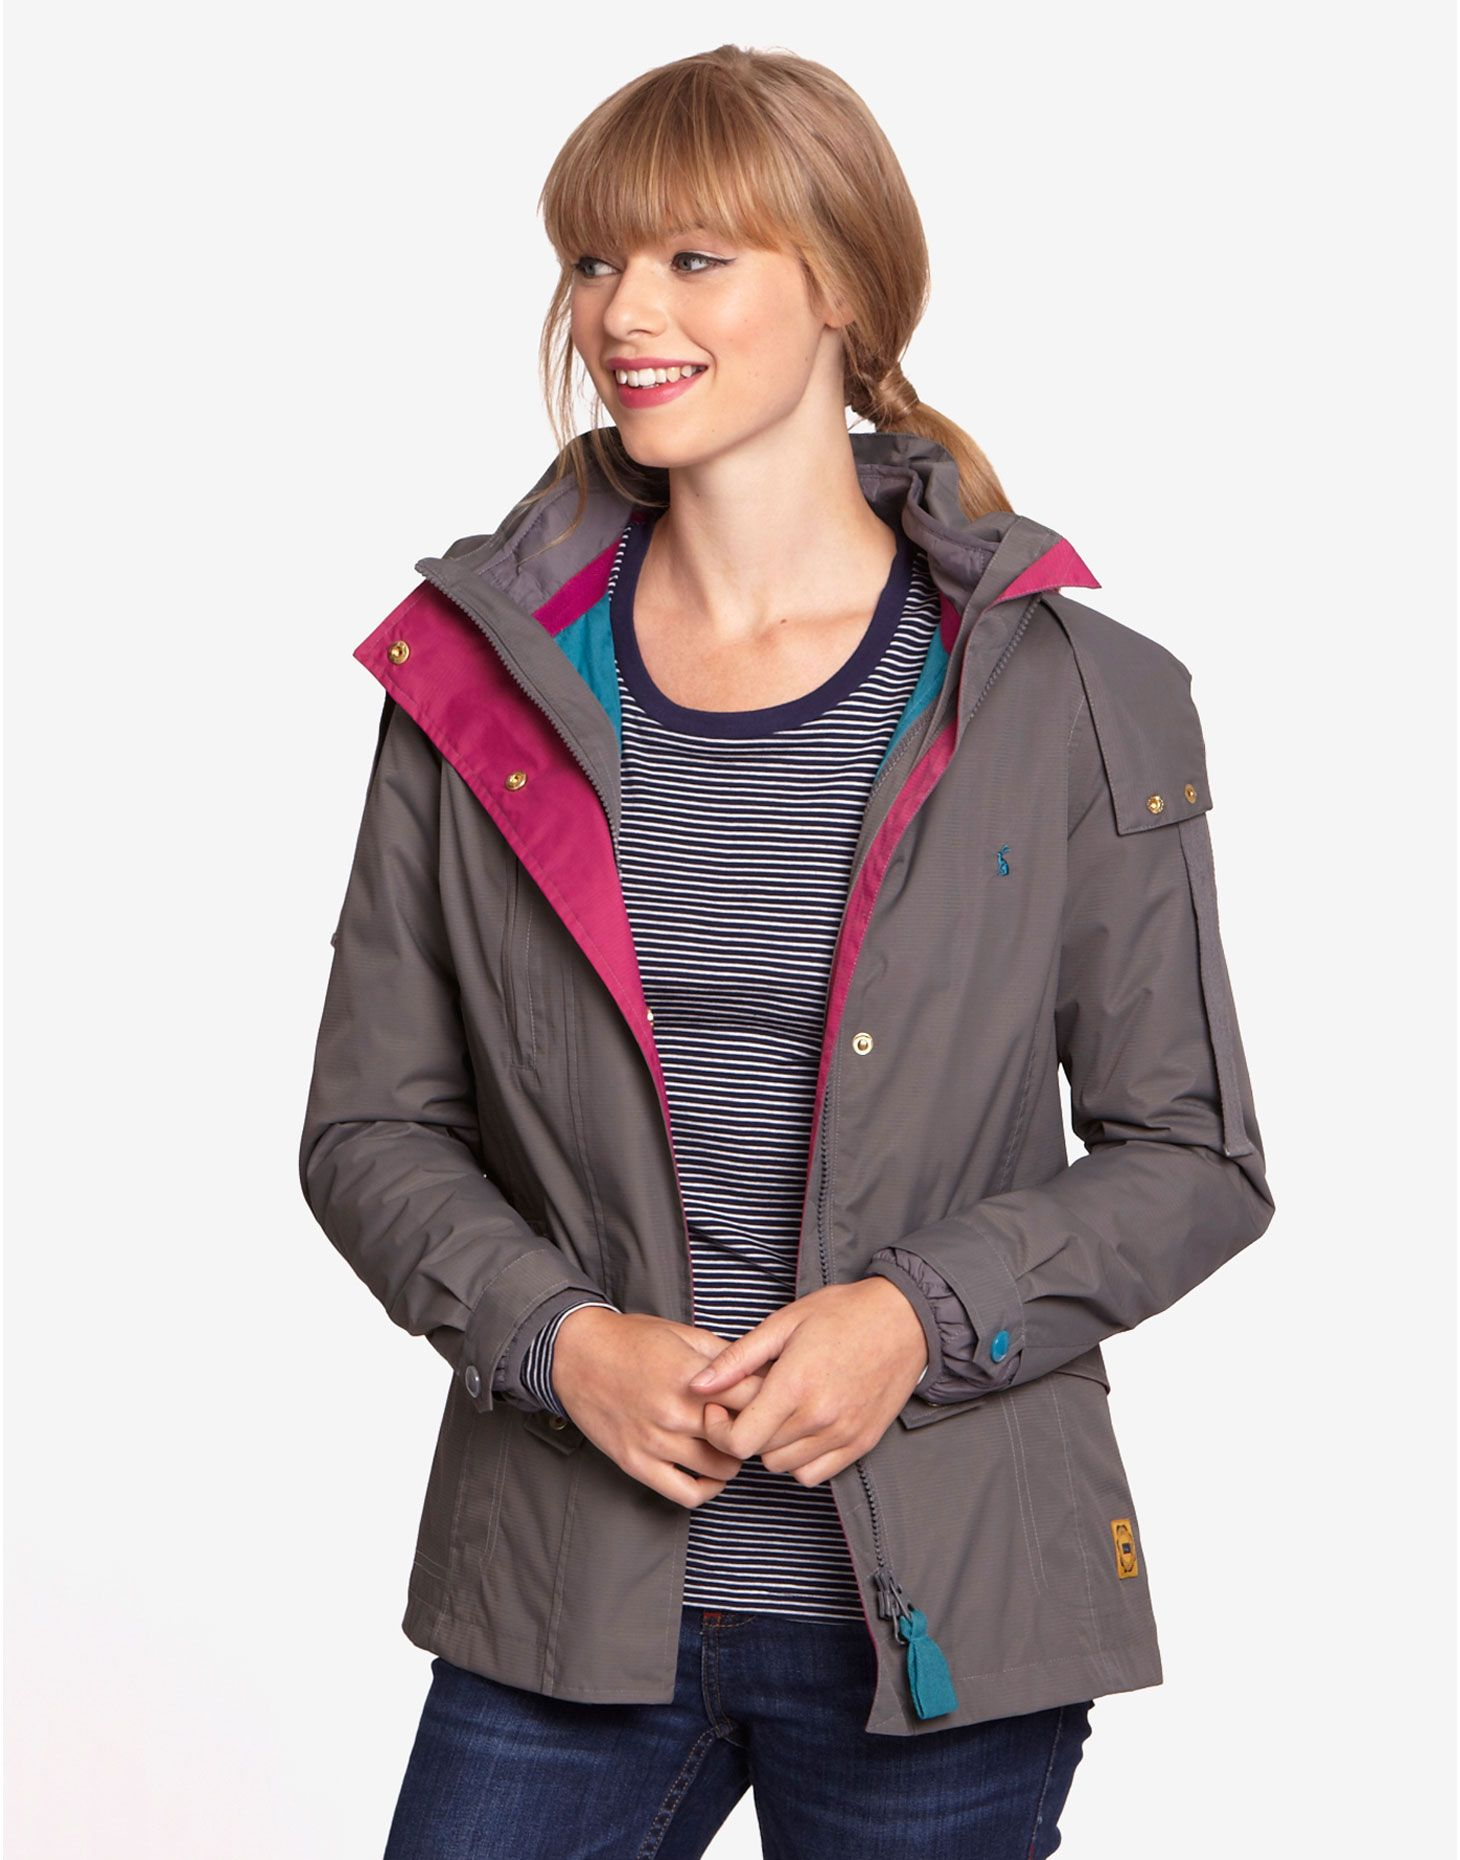 DAKOTA | Jackets & Coats | Women | Joules Site UK